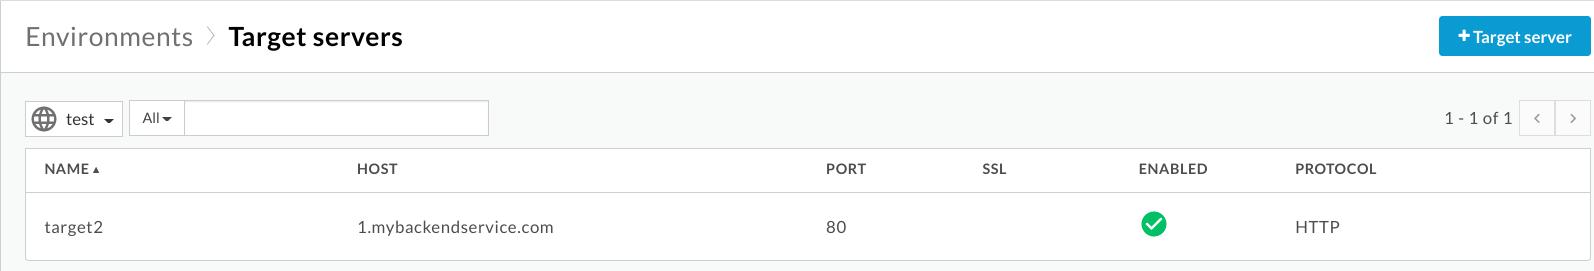 Lista de servidores de destino